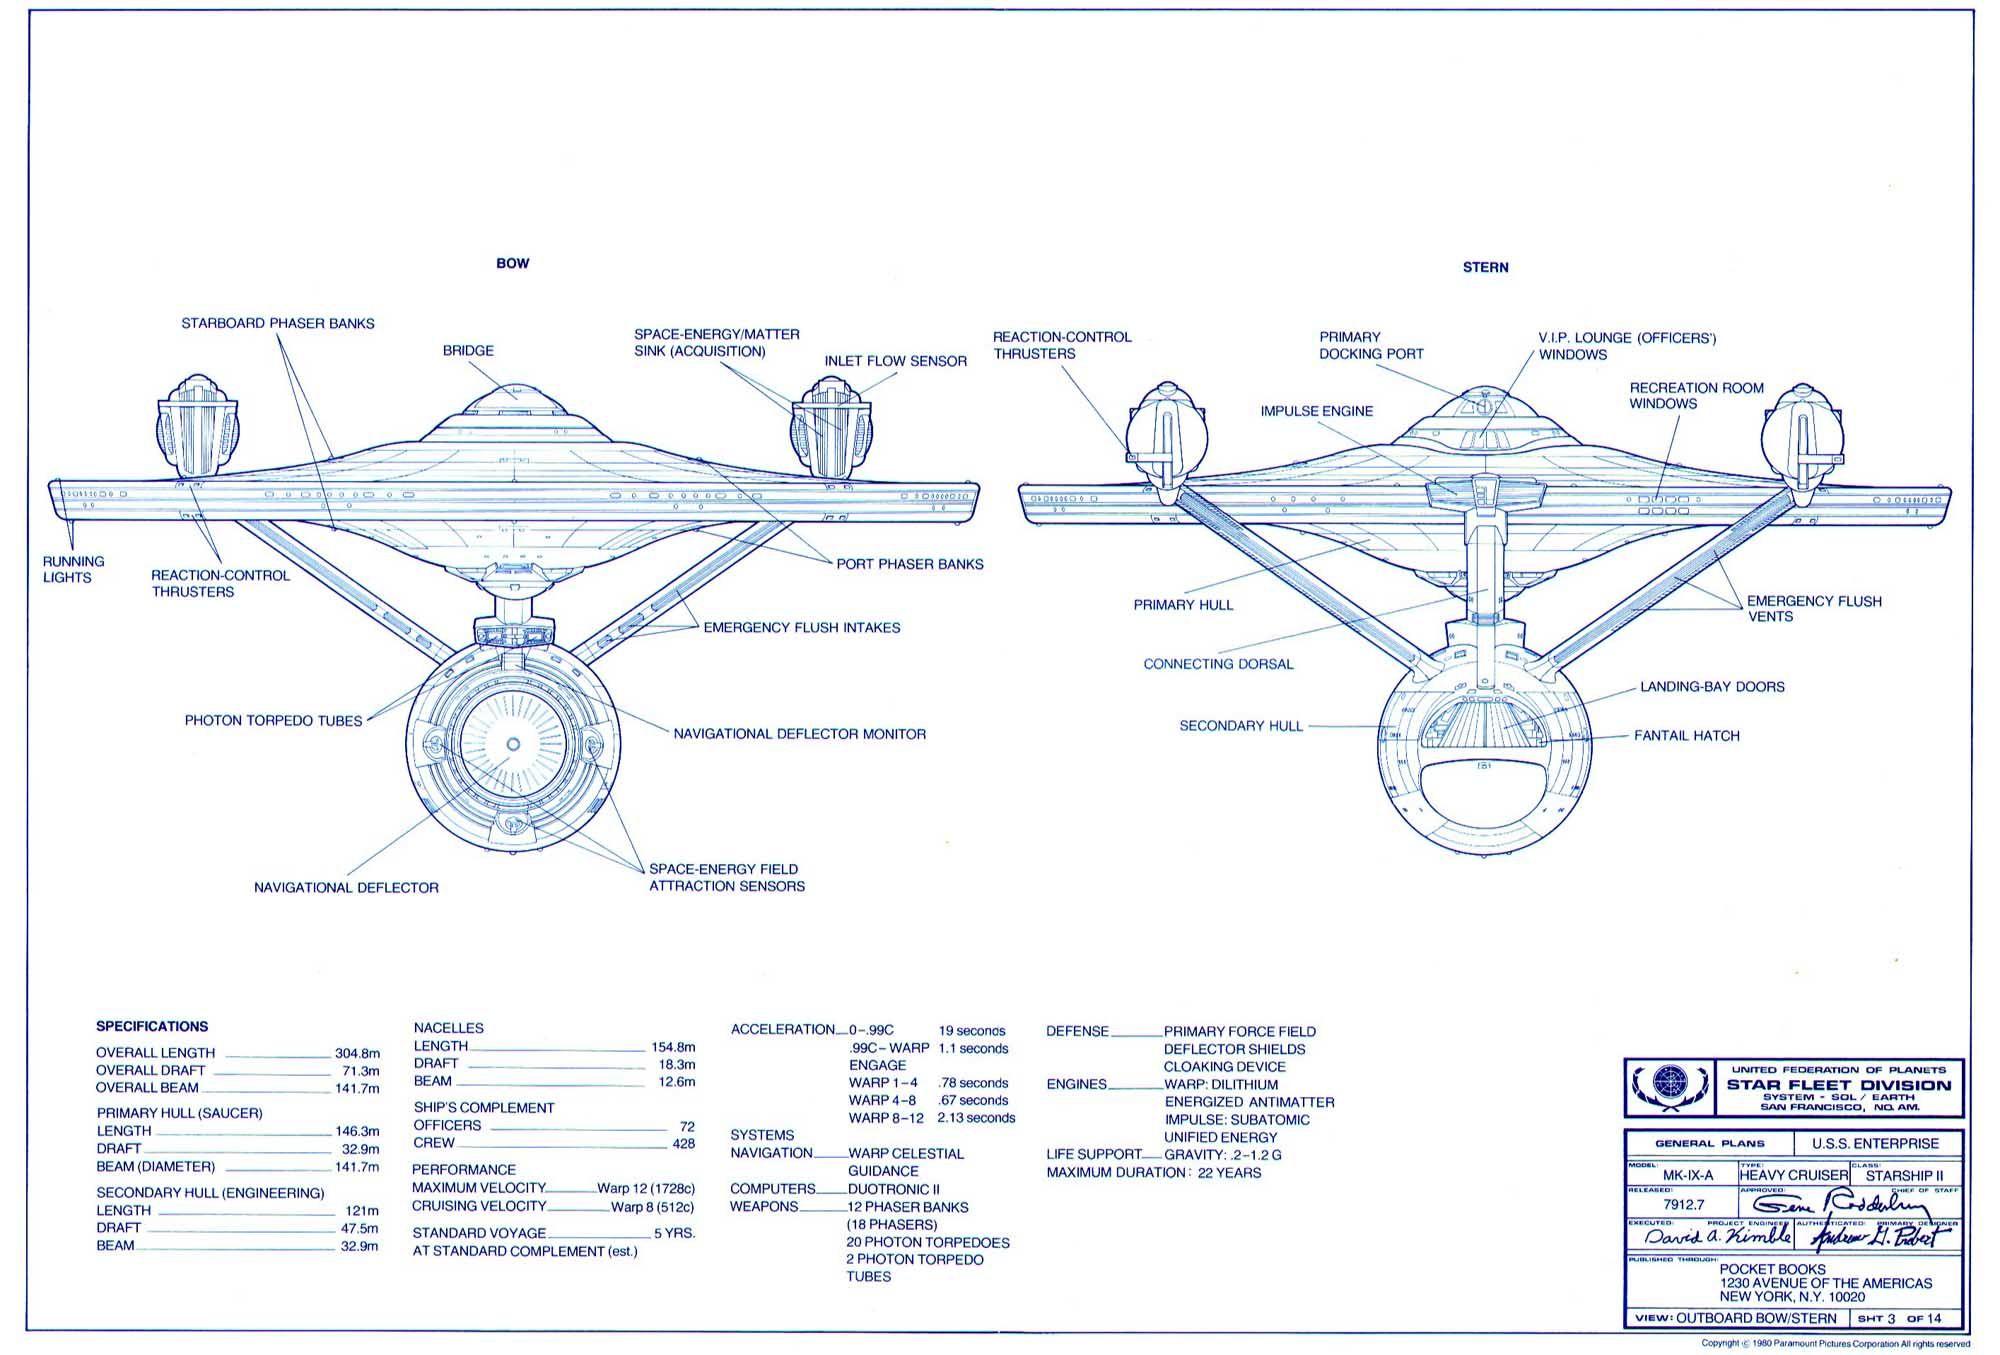 Uss Enterprise Star Trek Schematics on enterprise-j schematics, ncc 1701 e schematics, star trek starship bridges illustration, enterprise ncc-1701 schematics, ncc-1701 d schematics, star trek u.s.s. enterprise, star trek ships, star trek floor plans, star trek vector art, spaceship schematics, star trek diagrams, star trek james t kirk, star trek enterprise ncc 1701 e, enterprise e schematics, original star trek enterprise schematics, star trek starship classes, starship enterprise schematics, warp drive engine schematics, enterprise nx-01 schematics, uss enterprise 2009 bridge schematics,